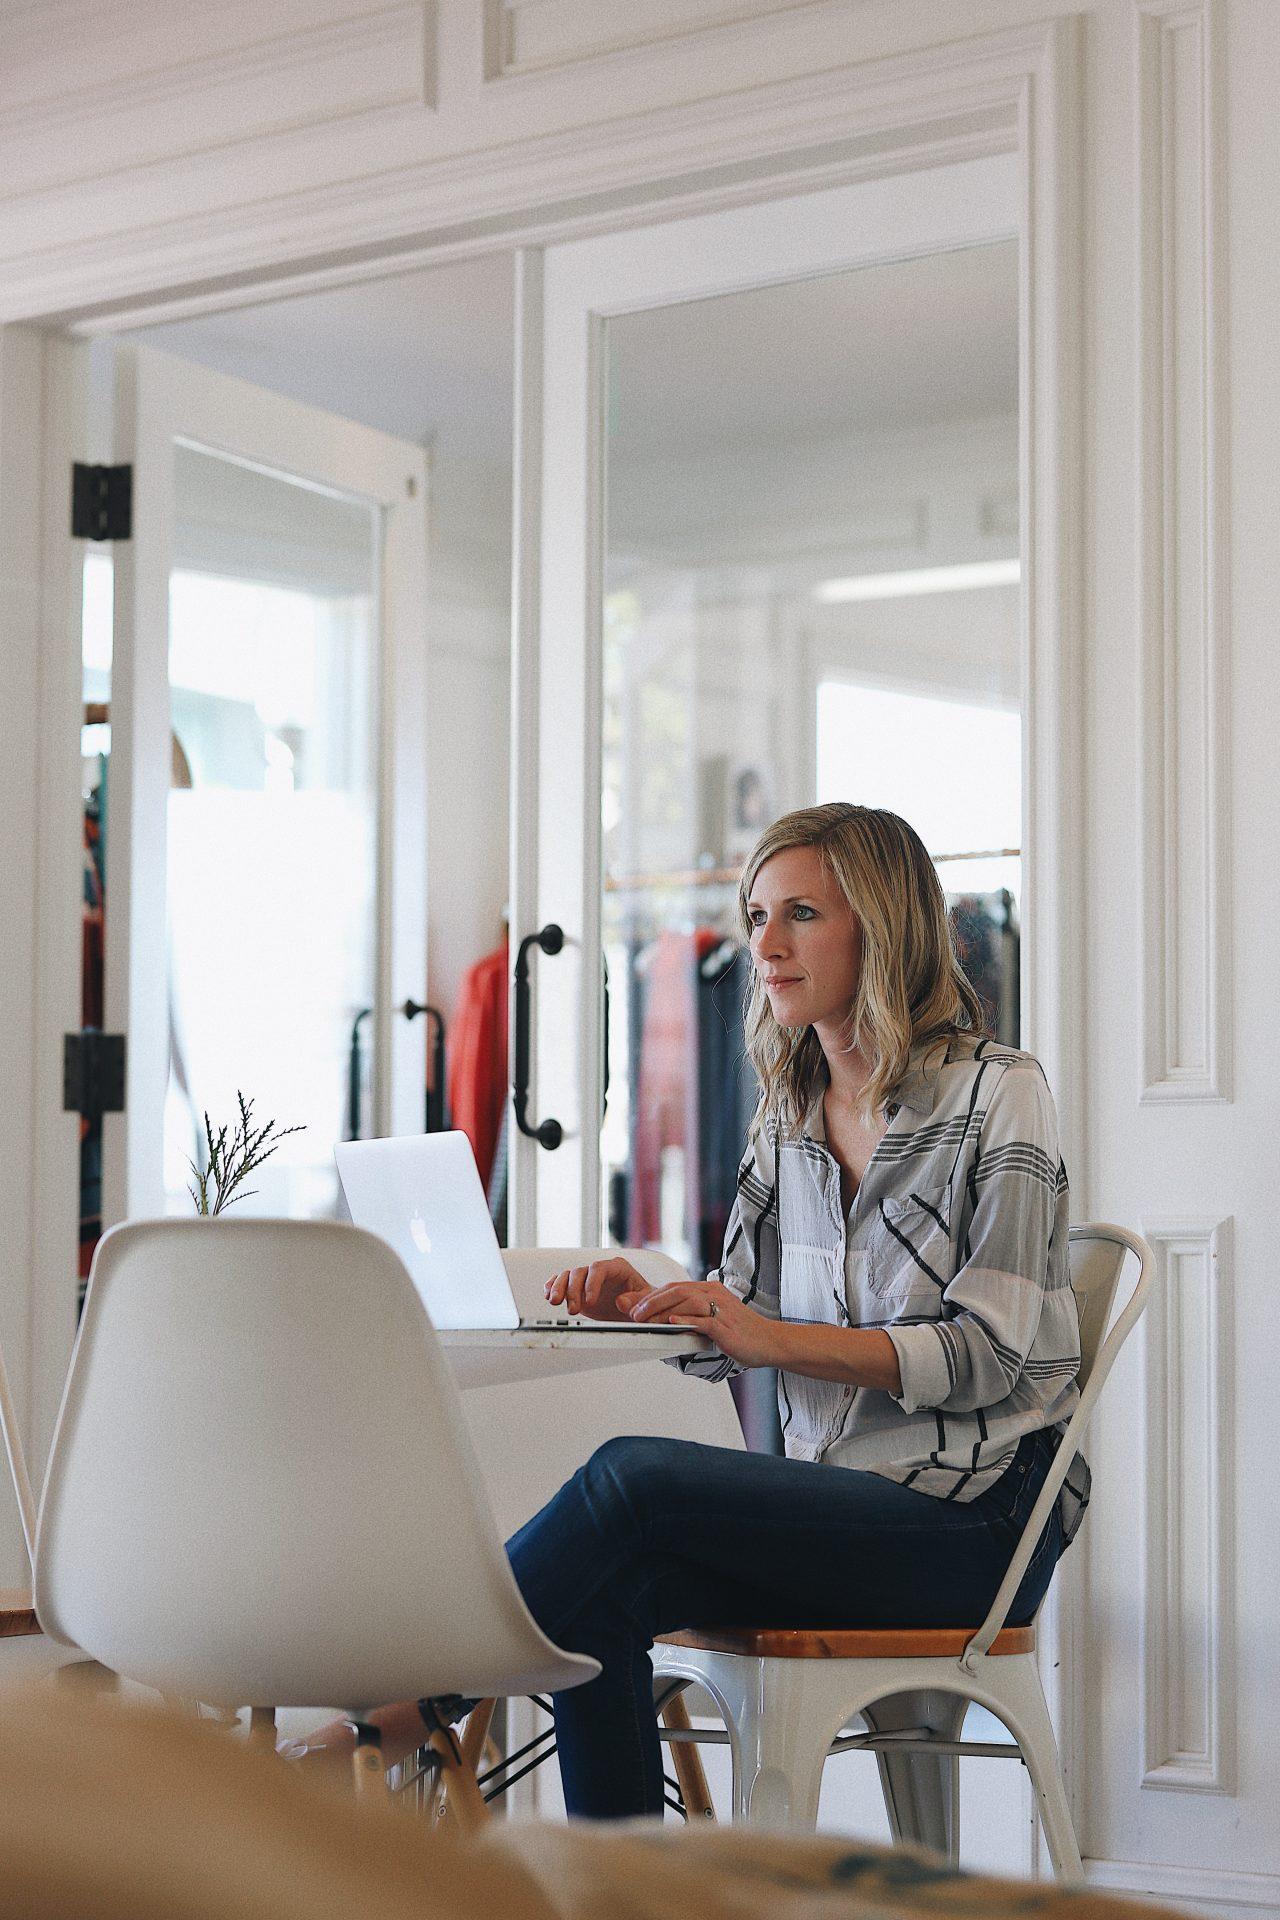 femme blonde assise sur un fauteuil dans sa boutique tape sur son ordinateur